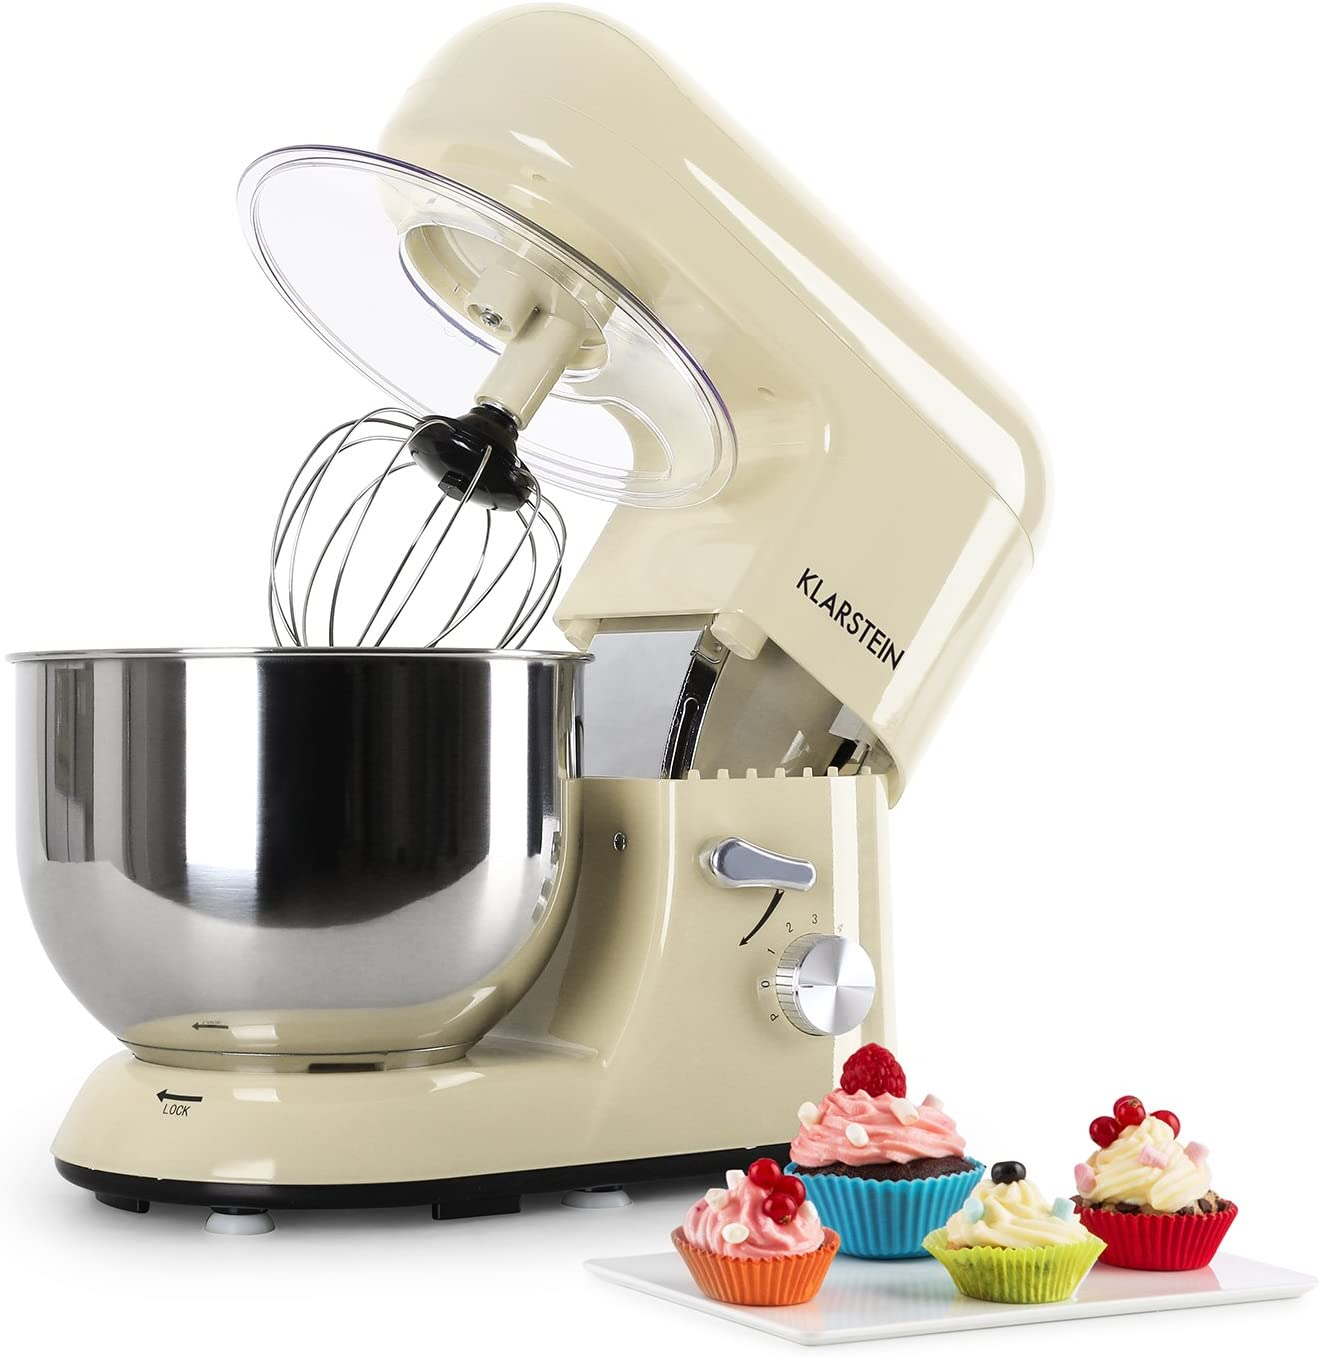 Klarstein Bella Morena - Robot de Cocina, Batidora, Amasadora, 1200 W, 5,2 Litros, 1,6 Ps, Batido Planetario, 6 Niveles de Velocidad, Recipiente de Acero Inoxidable, Color Crema